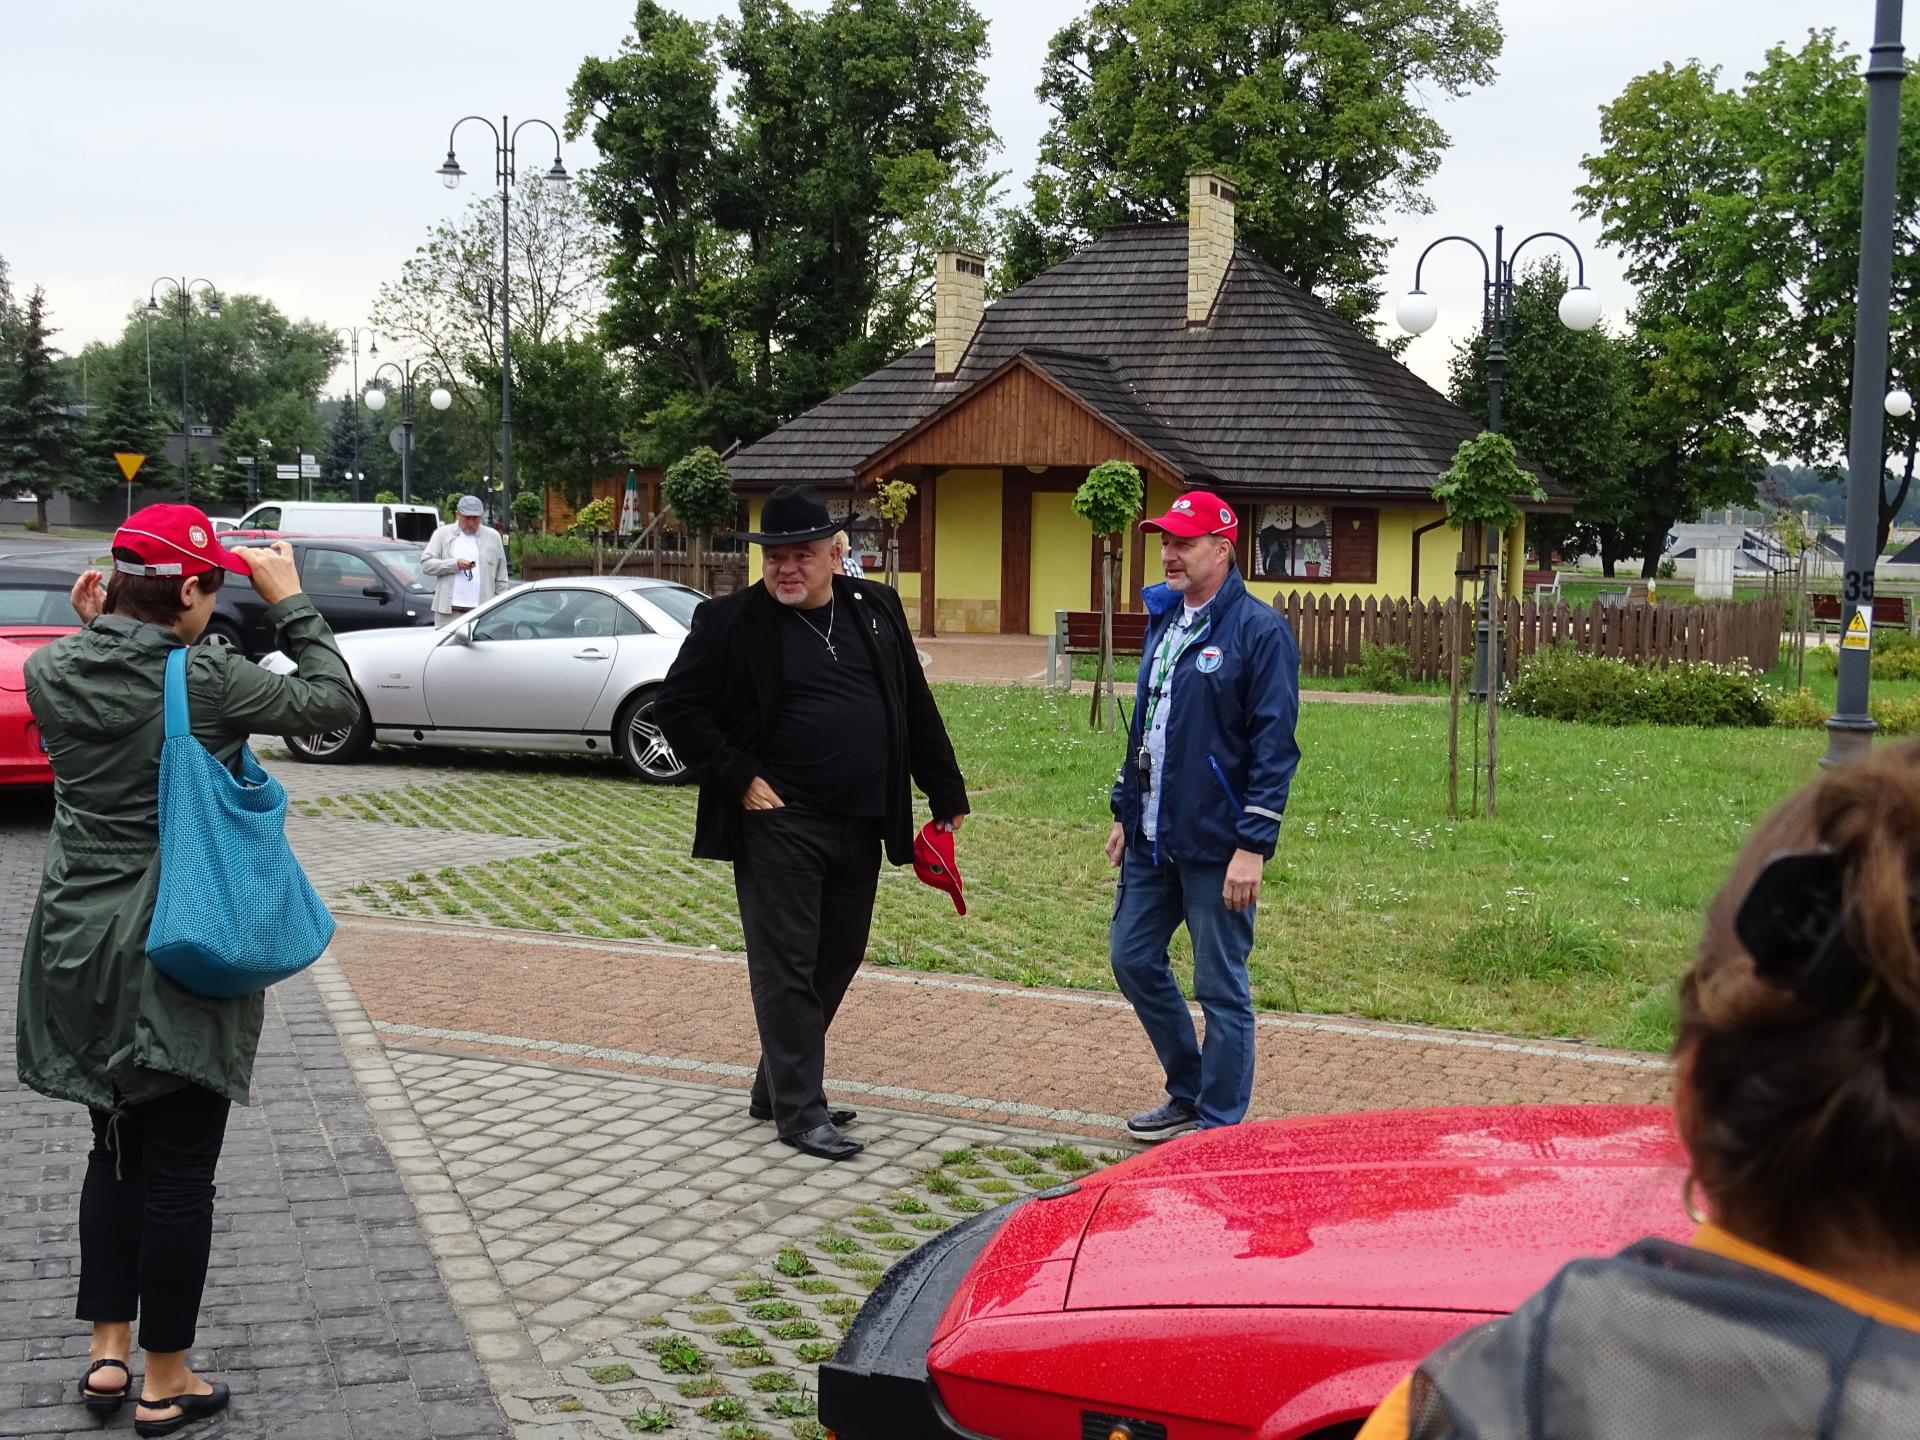 https://images85.fotosik.pl/322/c7836a1af67d4619.jpg